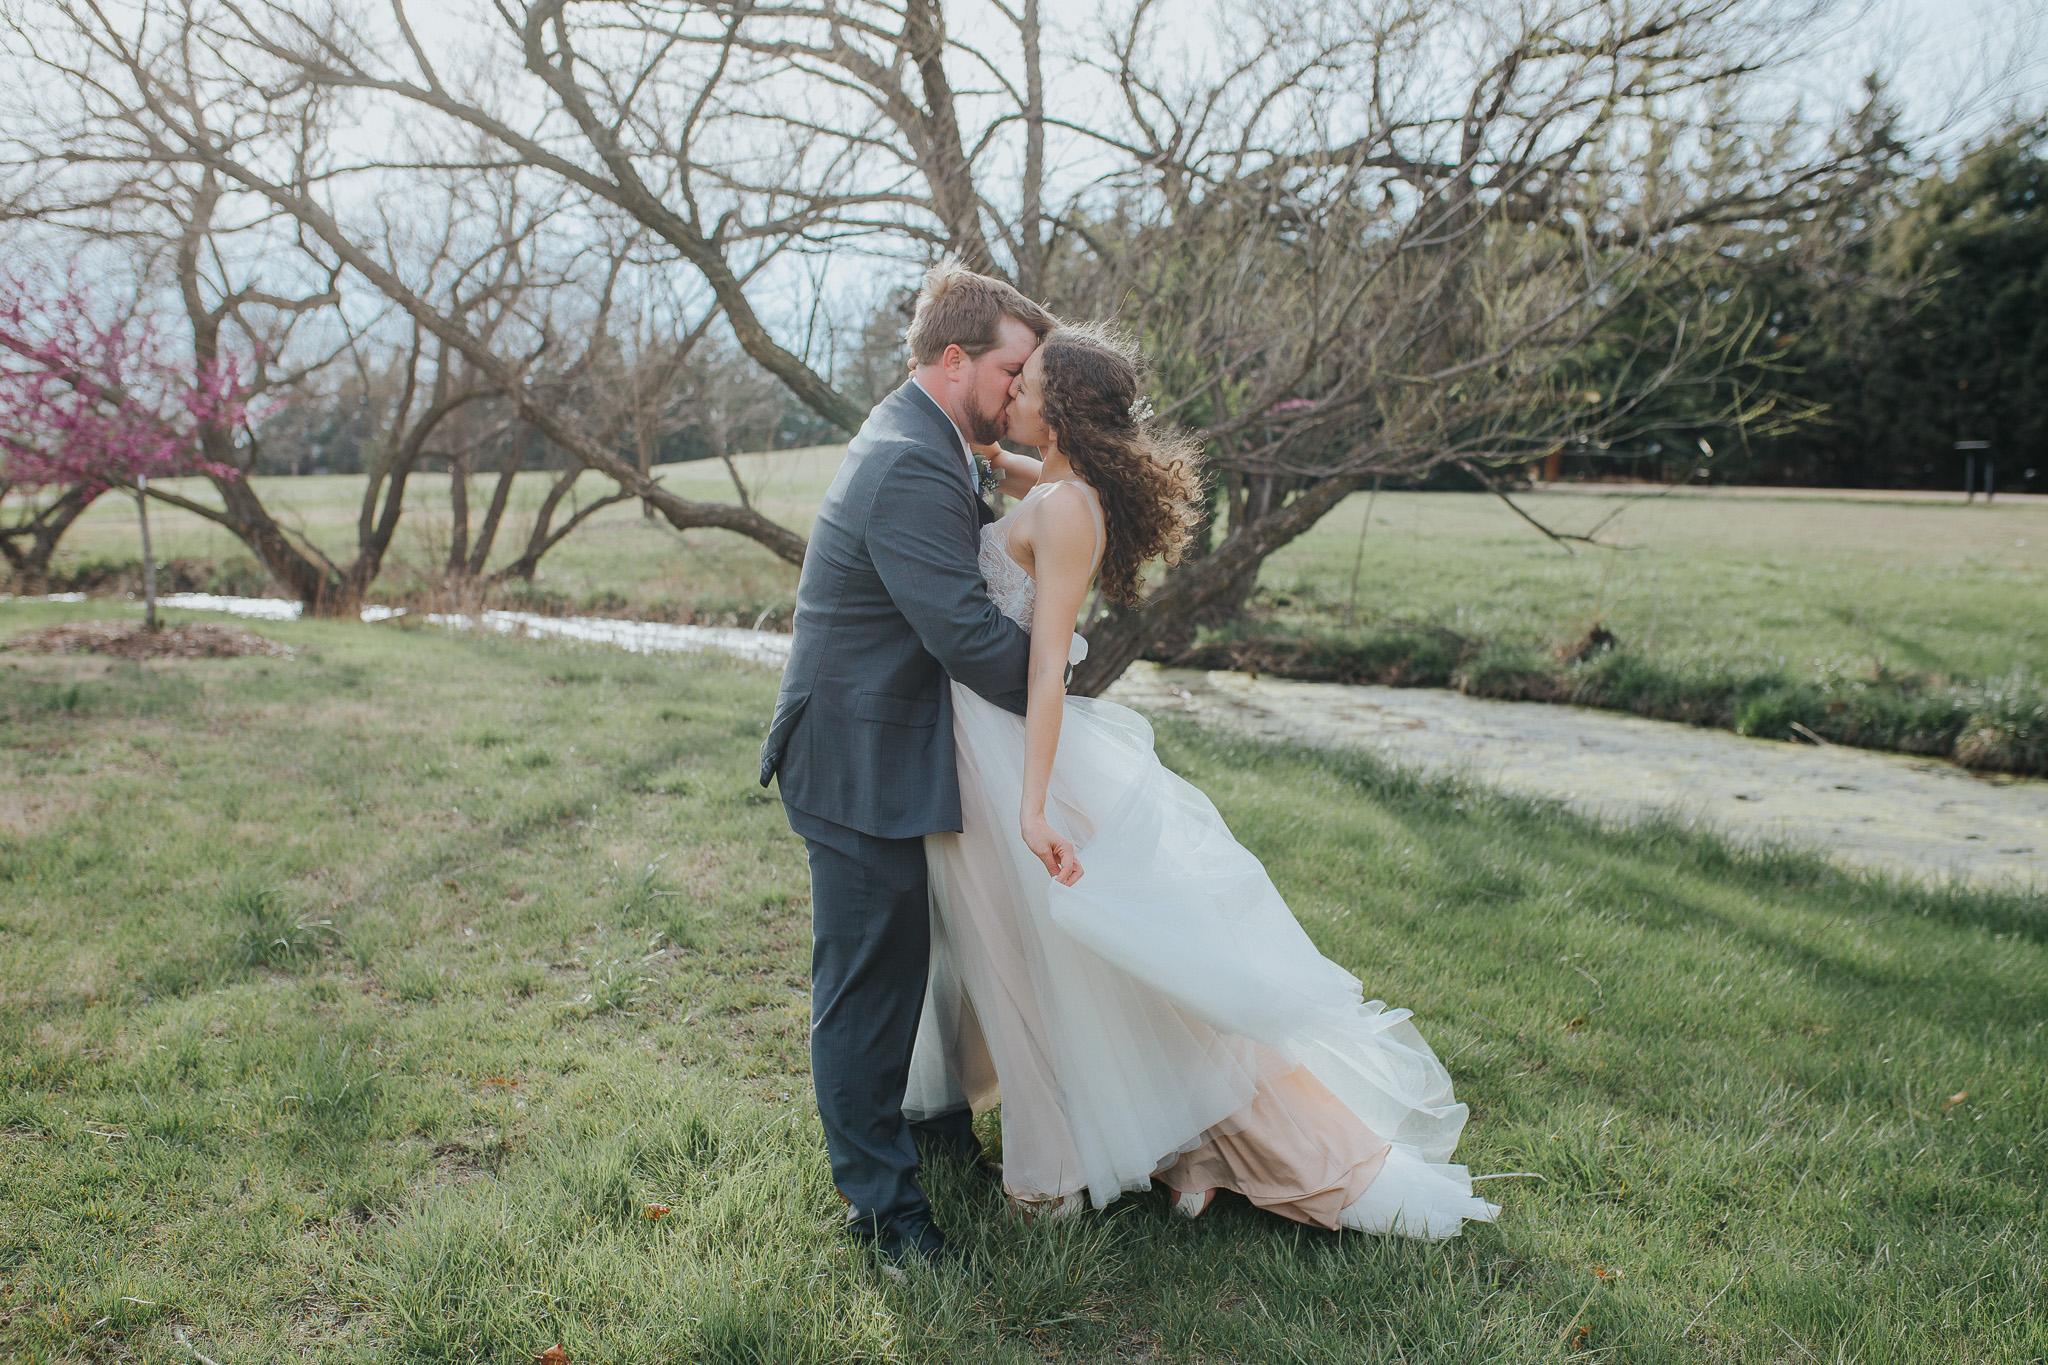 snyder_wedding_6.jpg